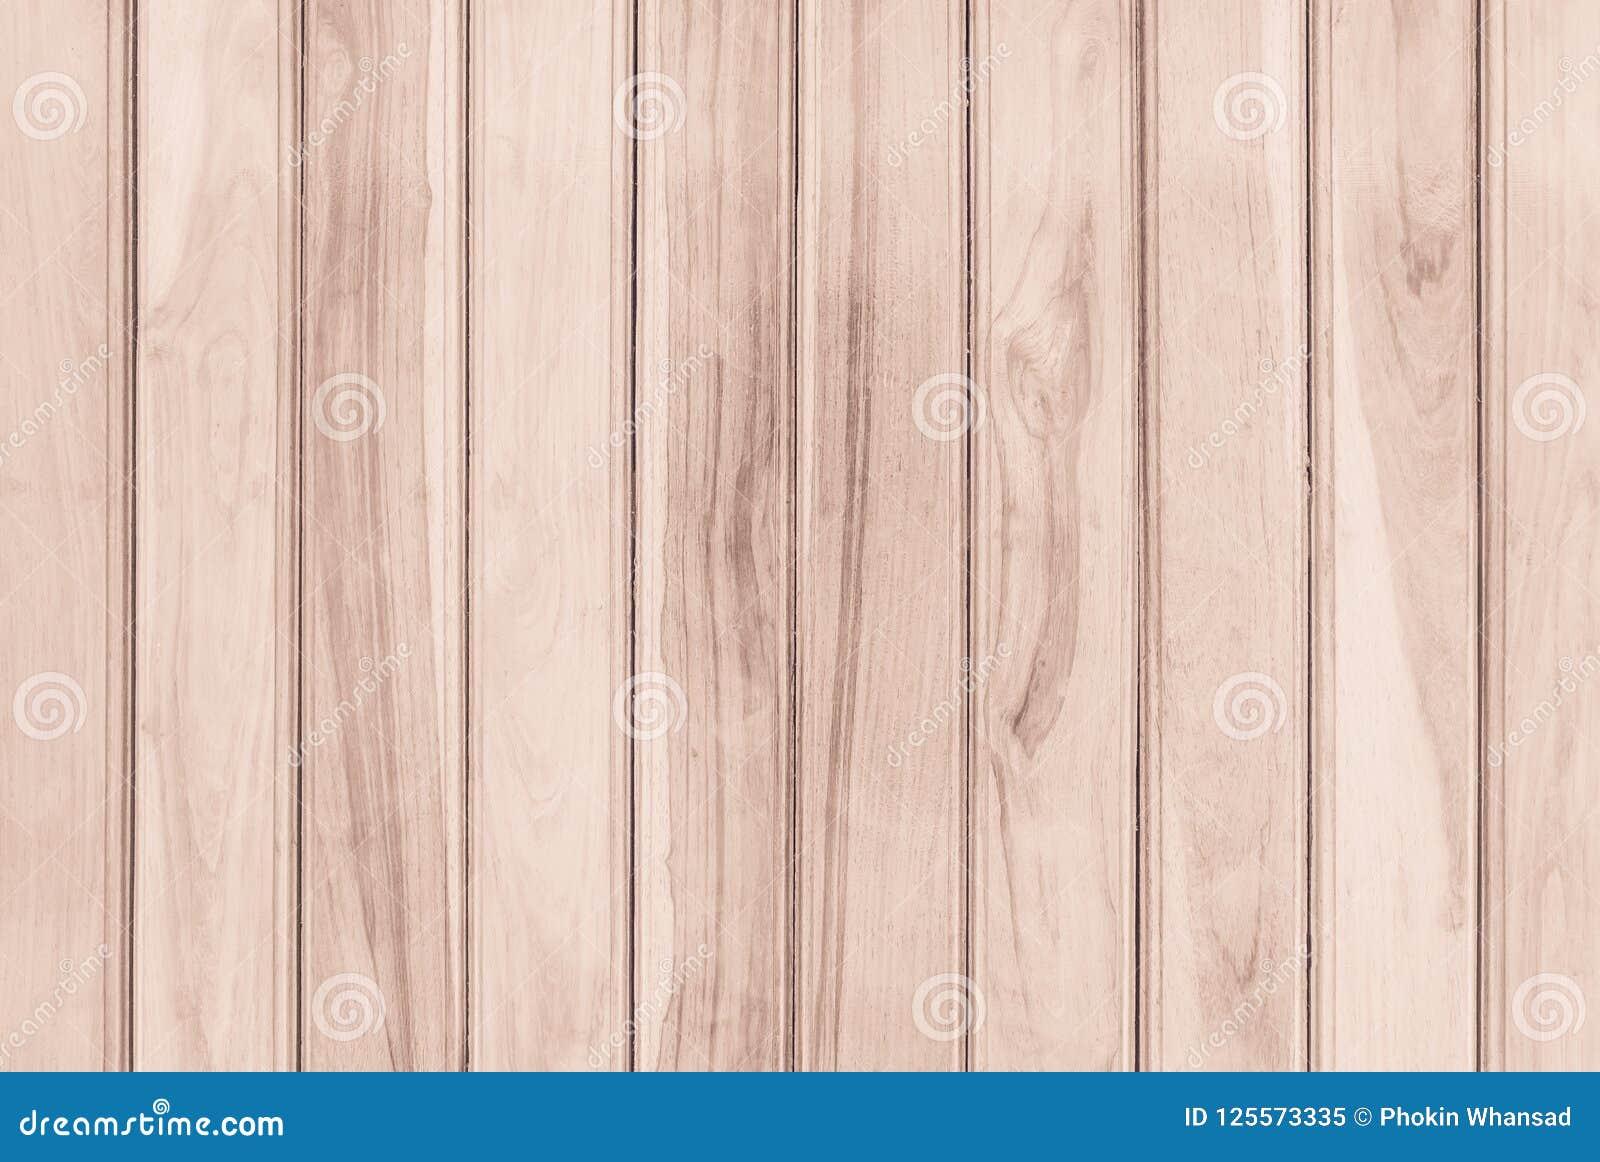 La Plinthe Du Mur fond en bois de texture de brun de planche mur en bois tout